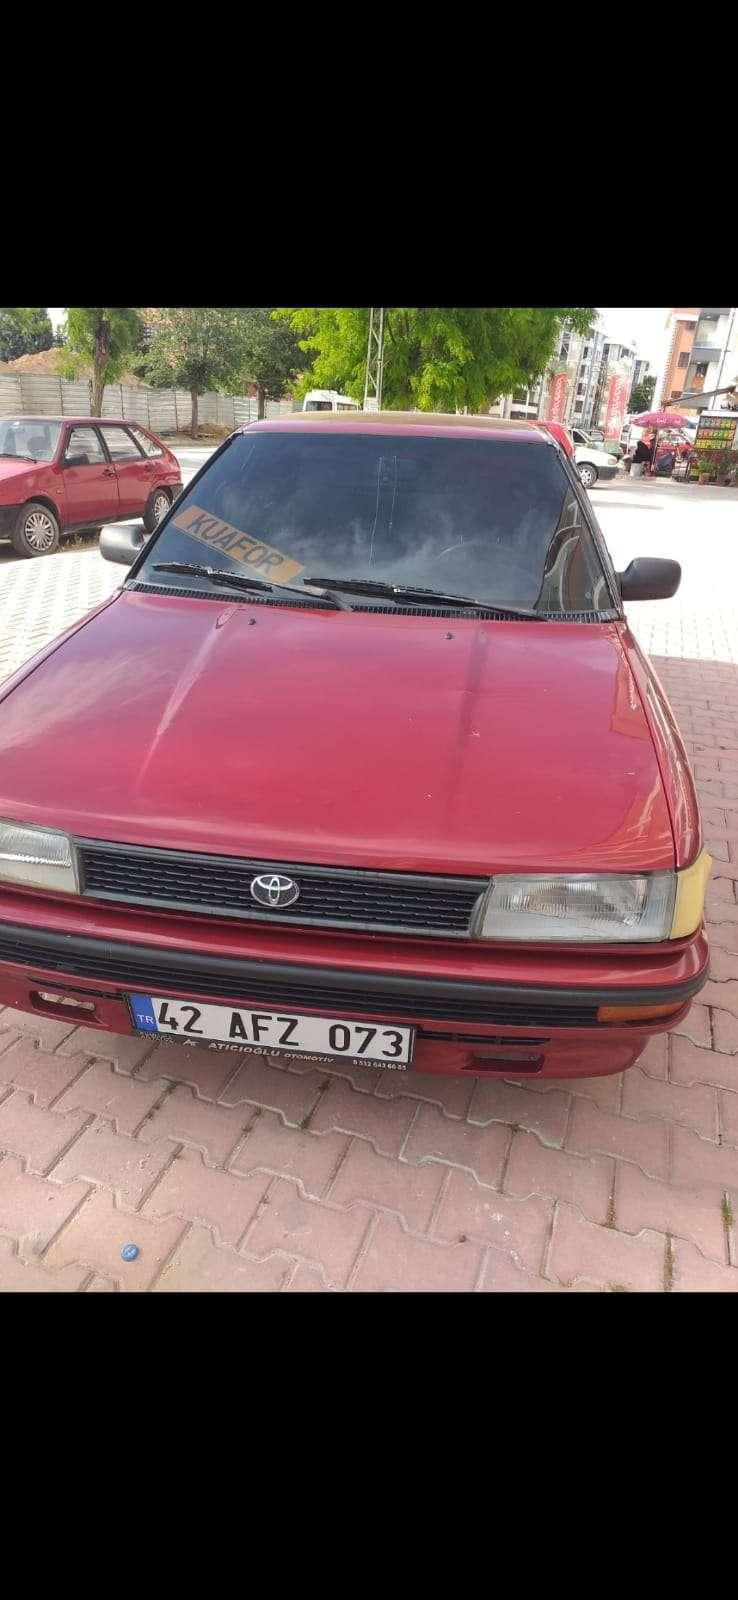 Arabamız Konya'dan cumartesi günü çalınmıştır